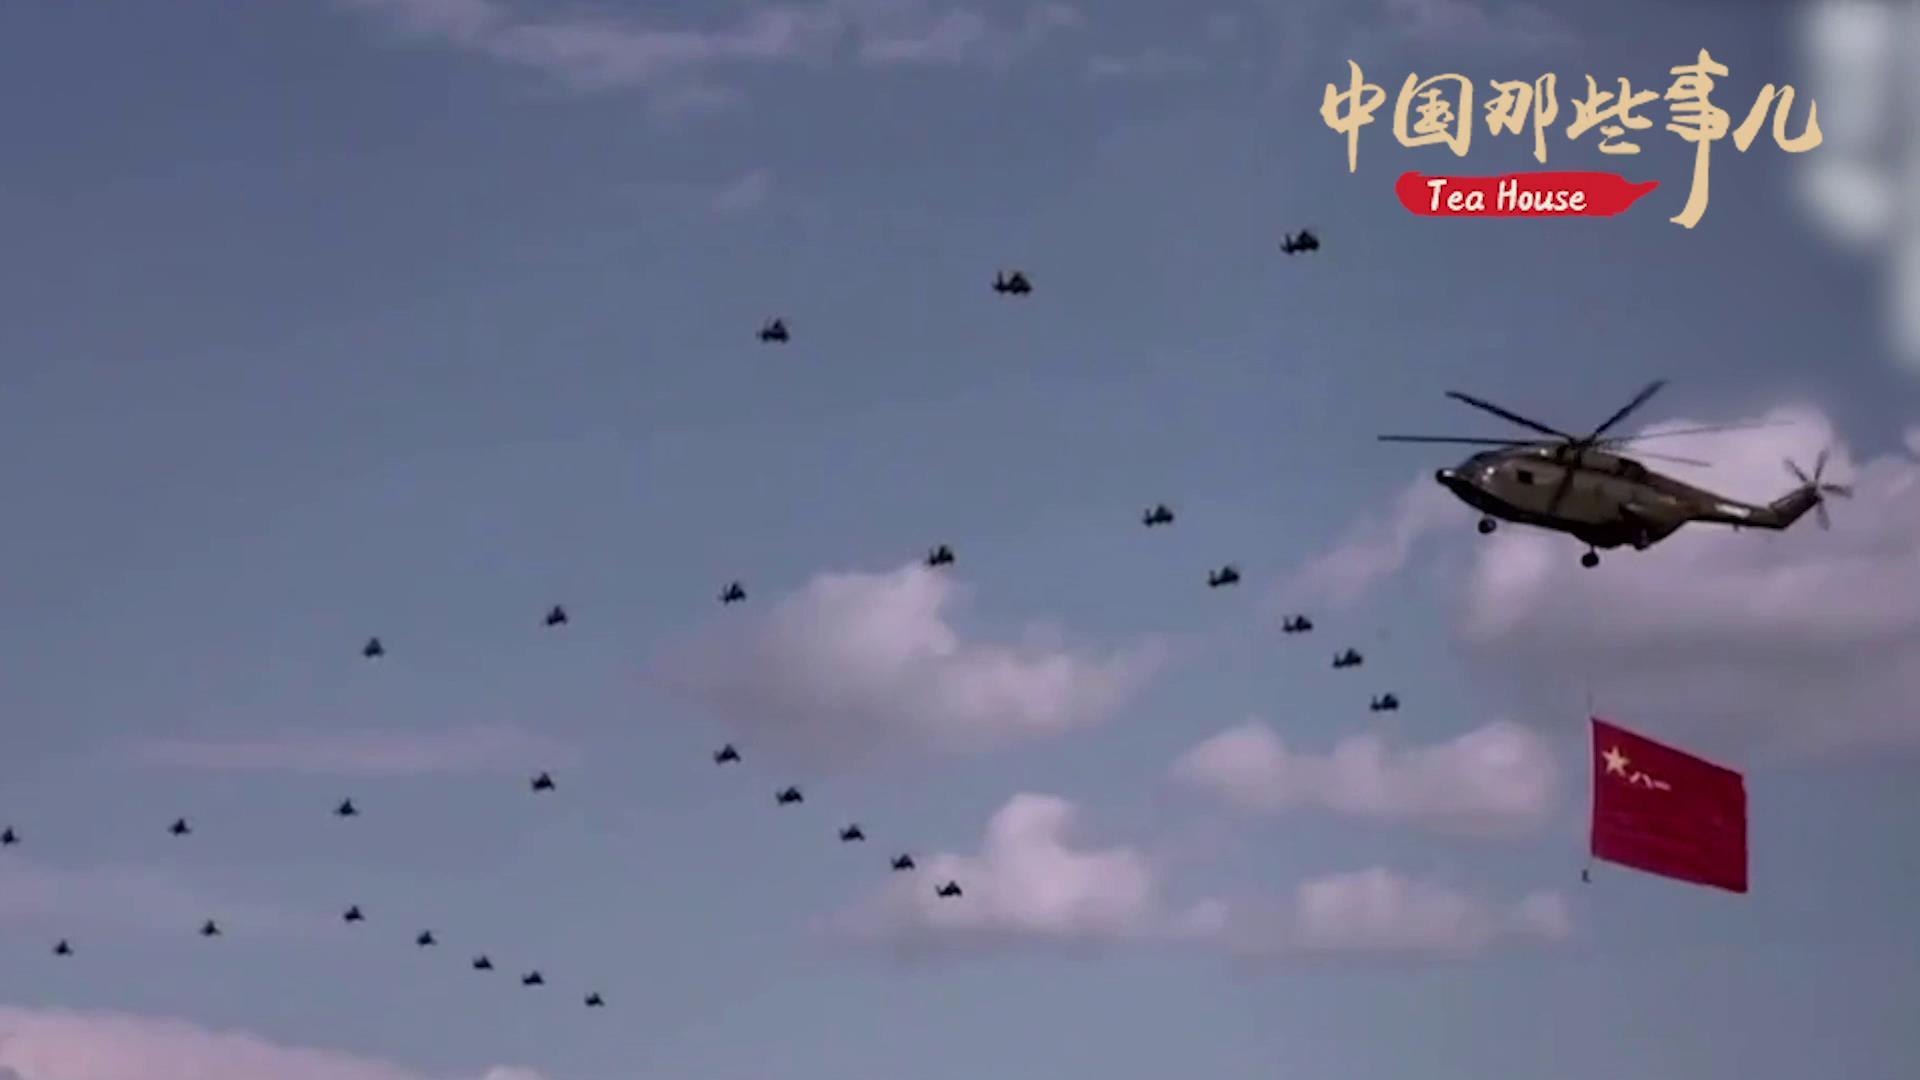 ‐中国那些事儿/新时代新使命 维护世界和平中国军队义不容辞图片